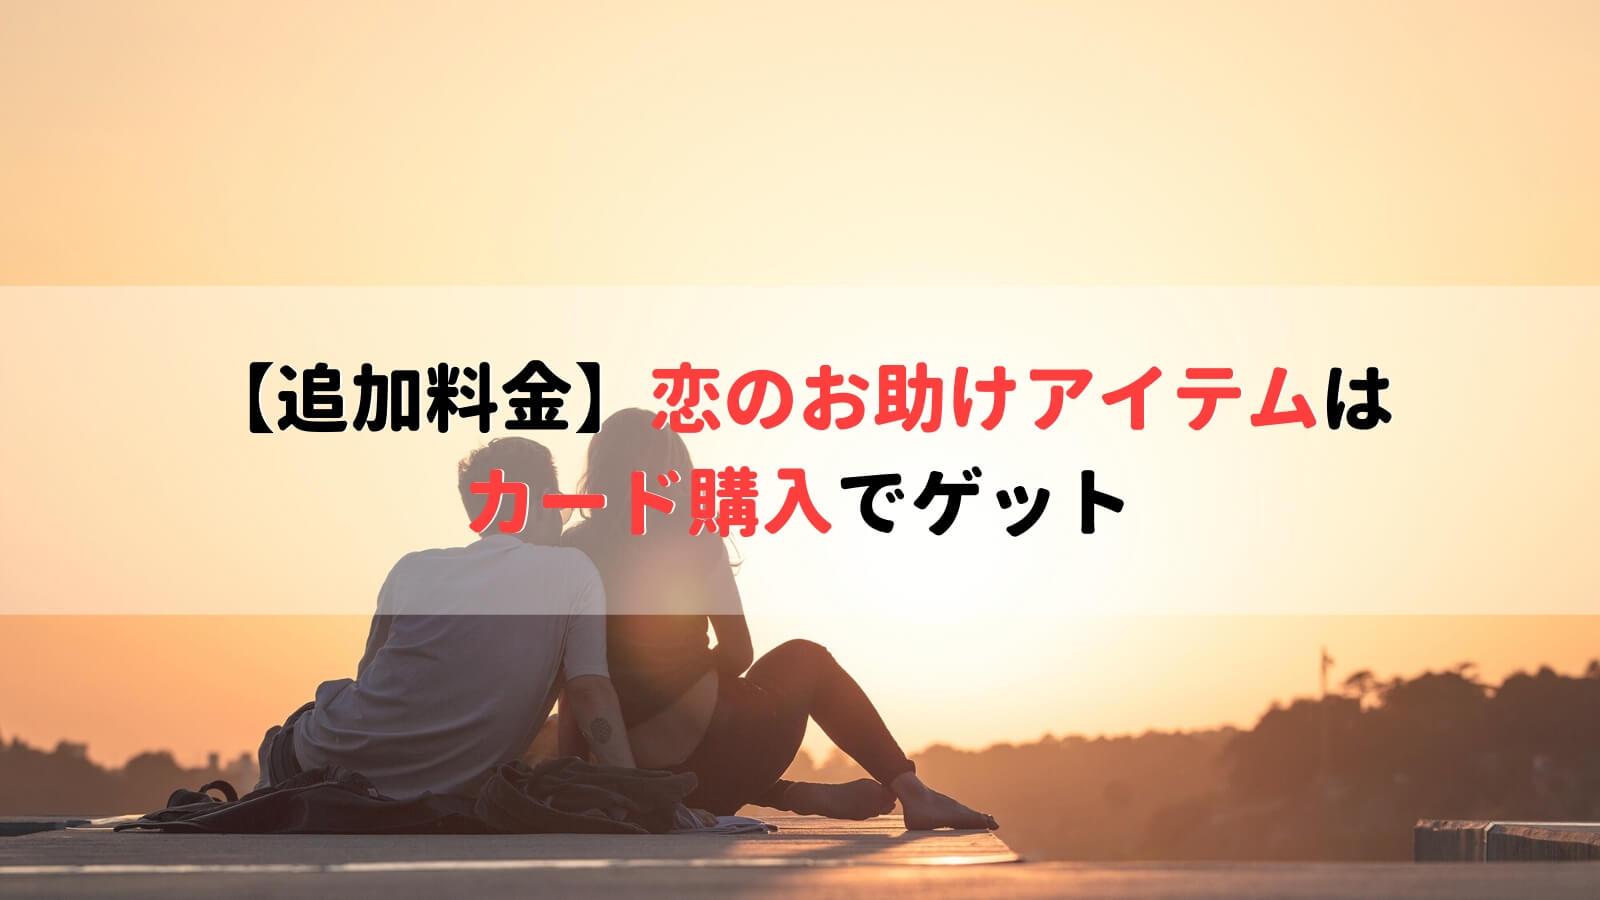 【追加料金】恋のお助けアイテムはカード購入でゲット